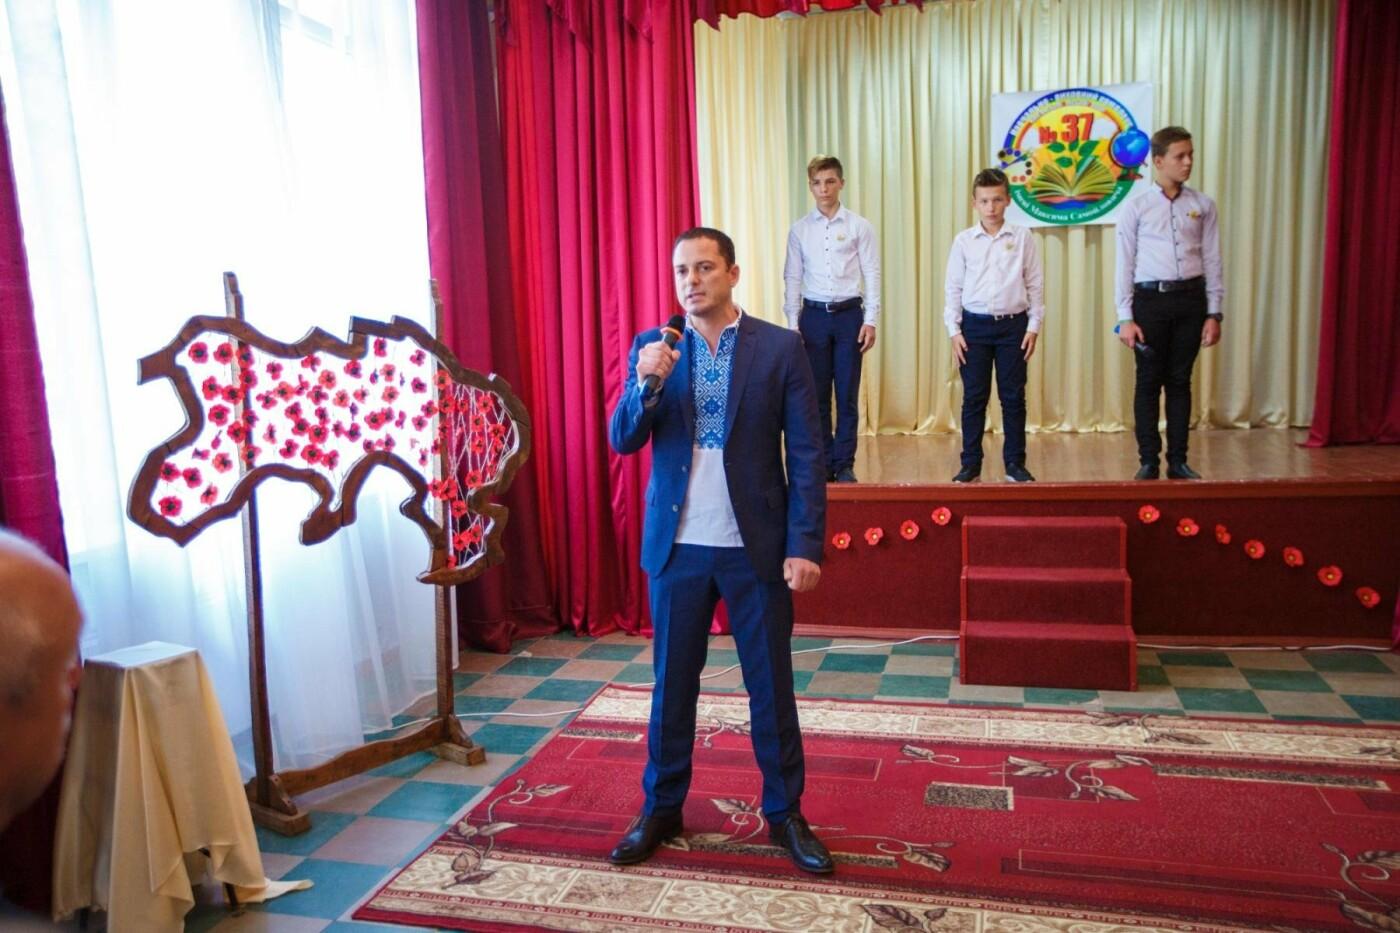 В память о герое: в УВК №37 открыли музейную комнату Максима Самойловича, фото-3